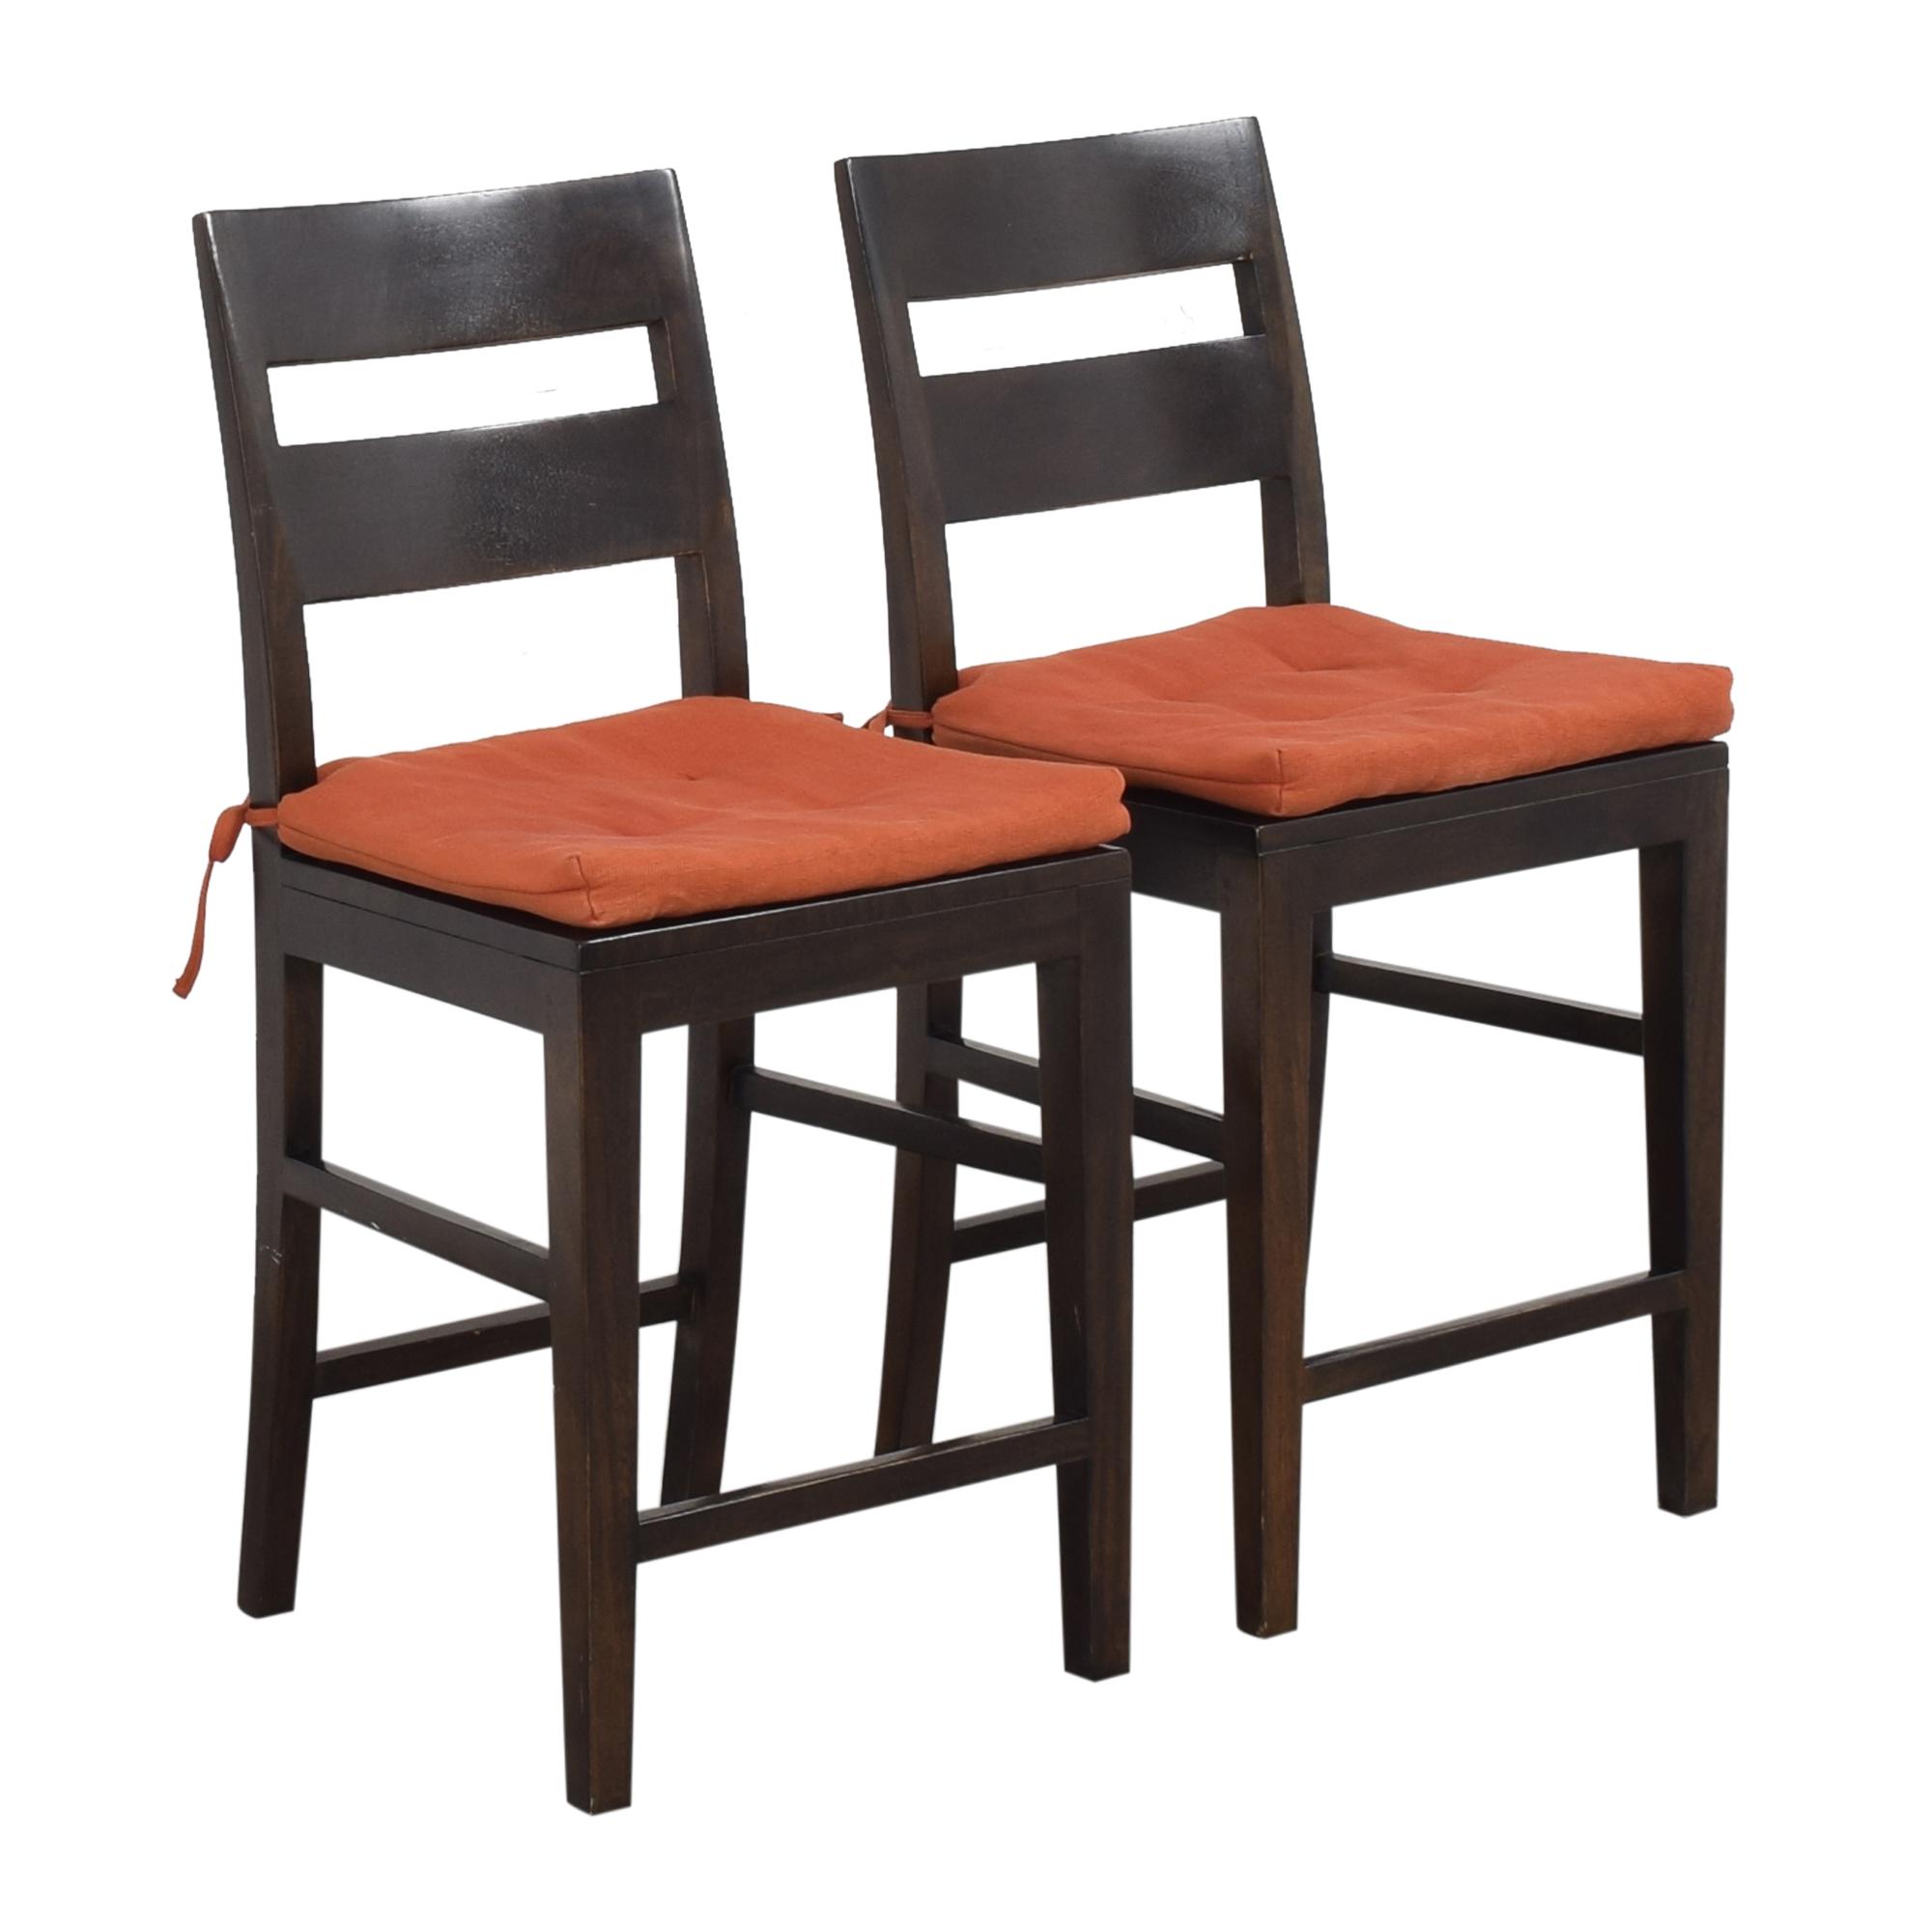 shop Crate & Barrel Basque Counter Stools Crate & Barrel Chairs